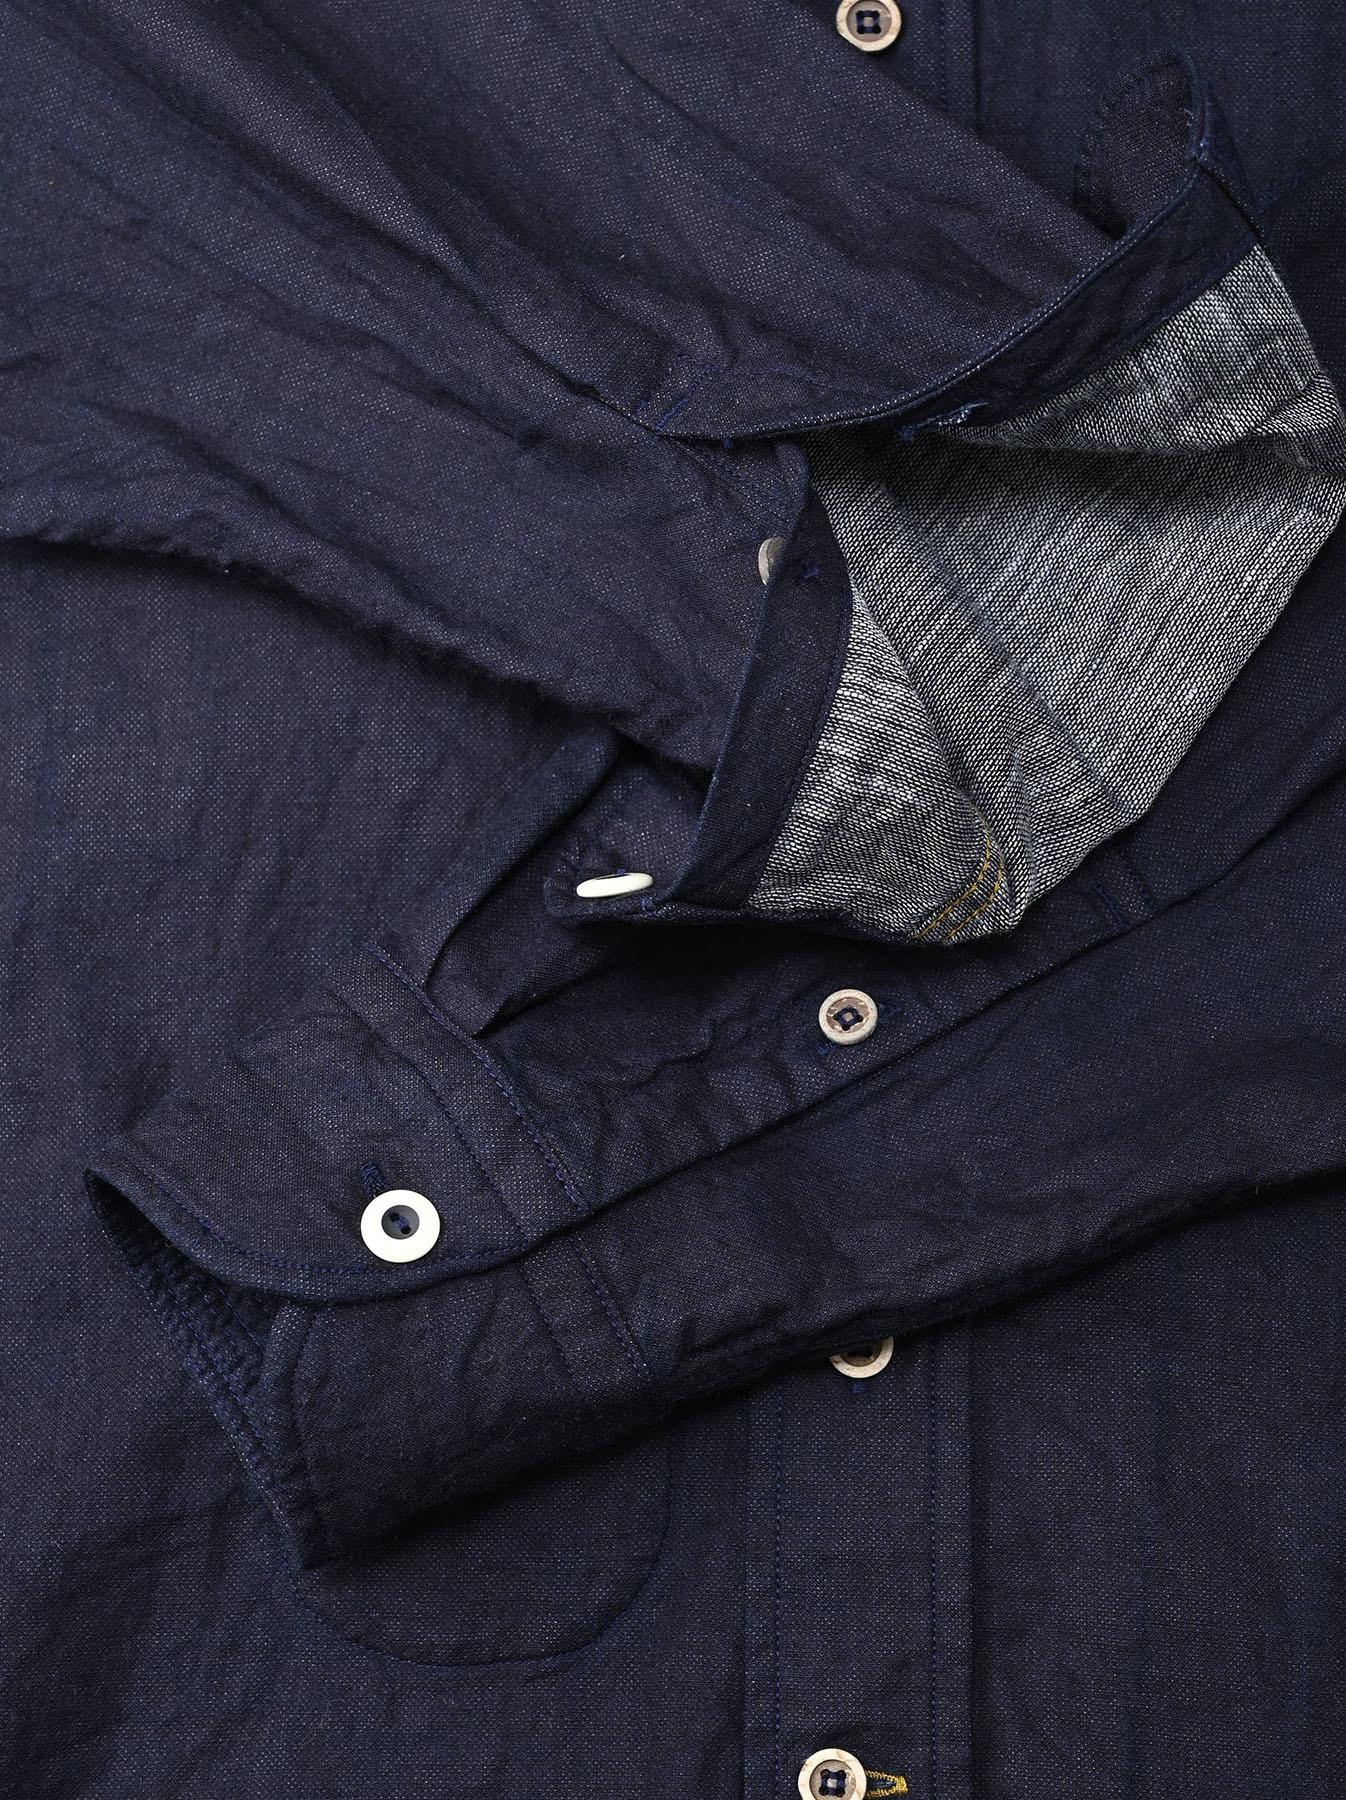 Indigo Gauze 908 Ocean Shirt-8